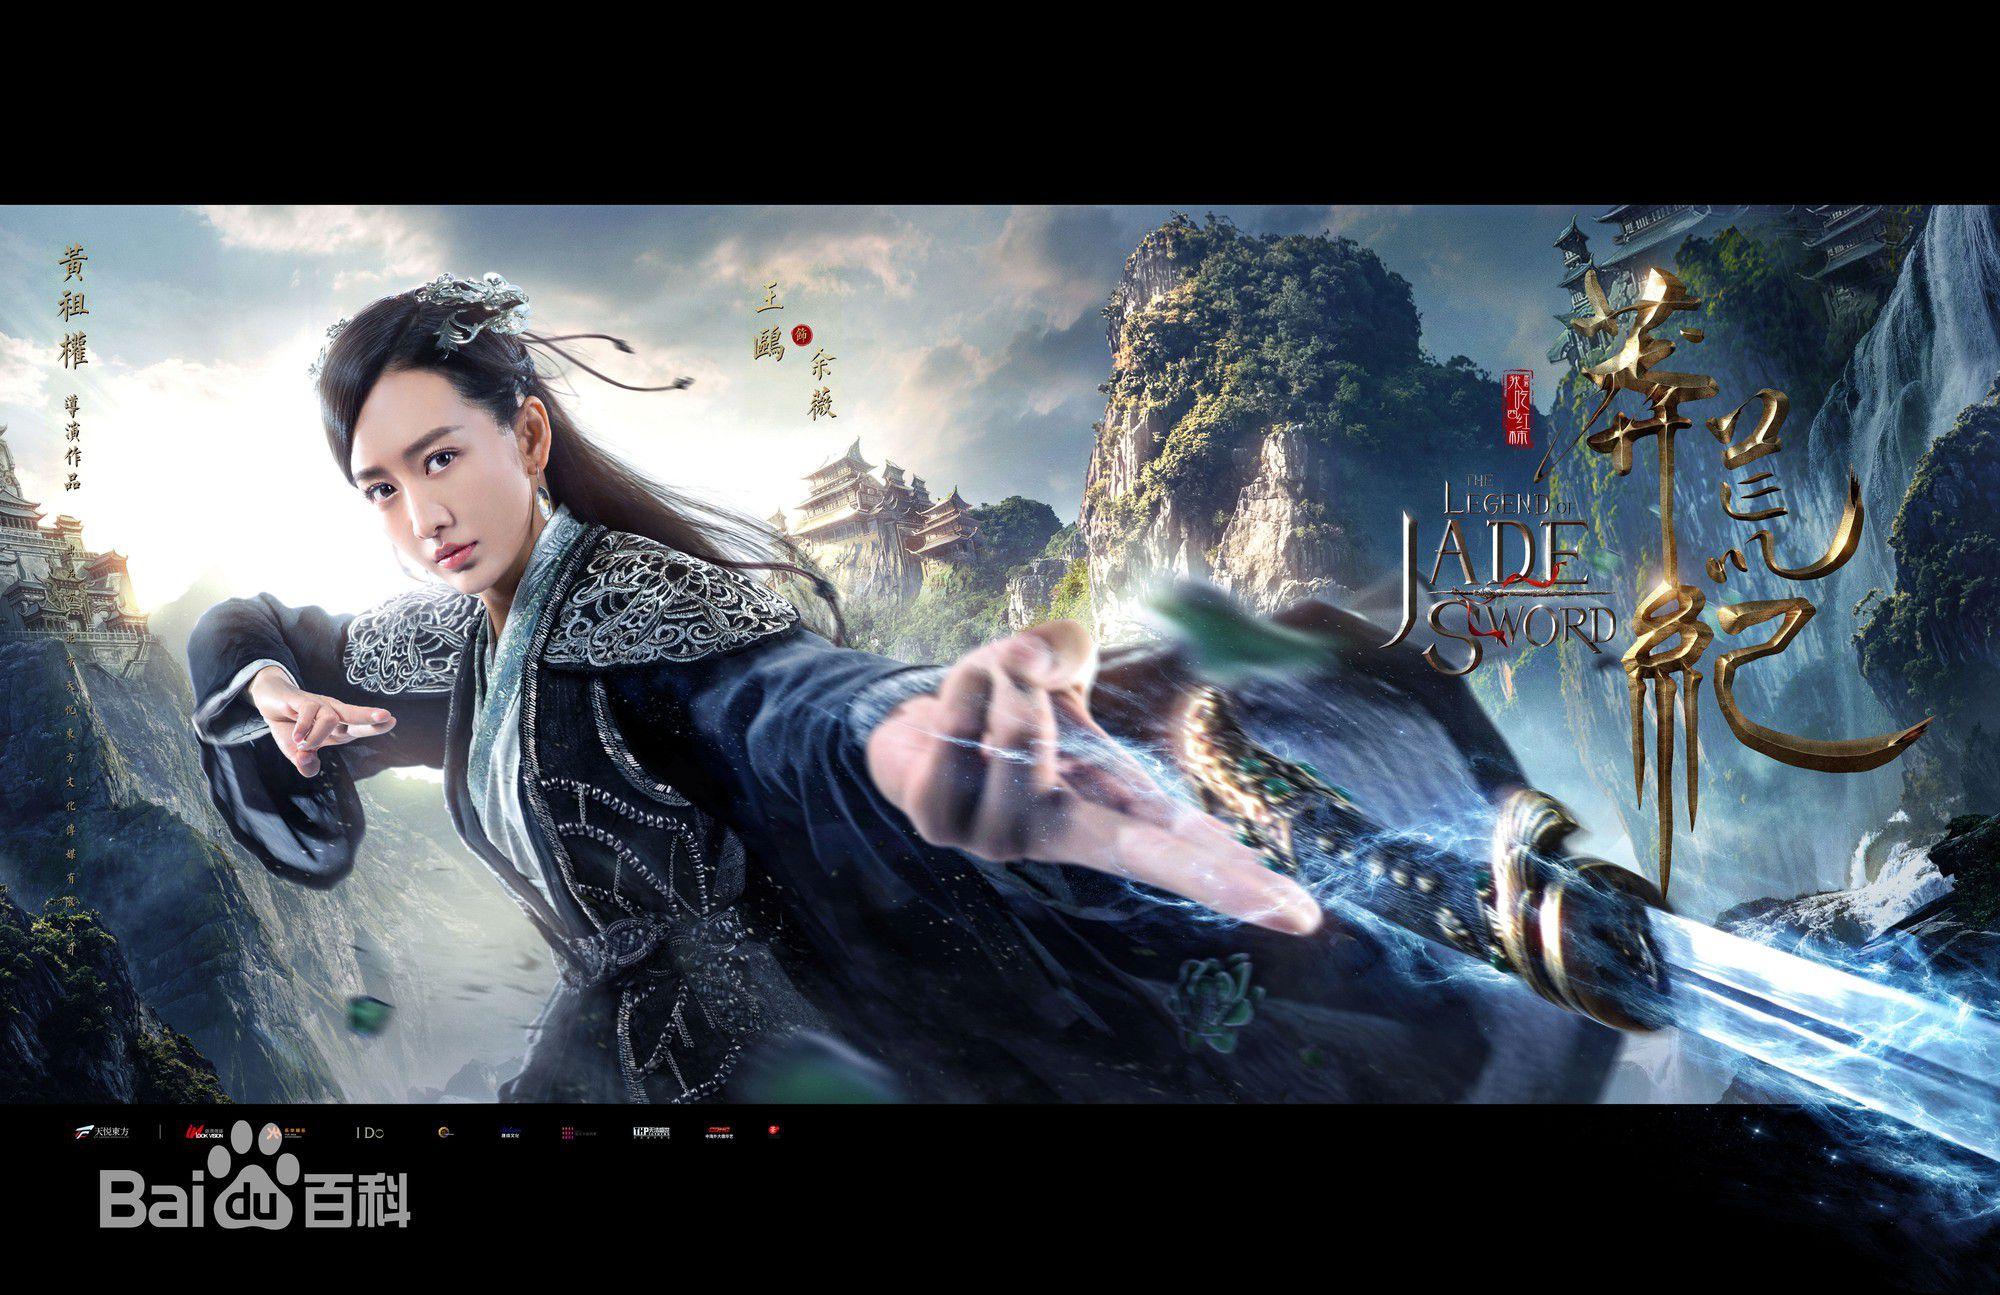 Tổng hợp nhạc phim (OST) Mãng Hoang Kỷ - The Legend of Jade Sword (3)